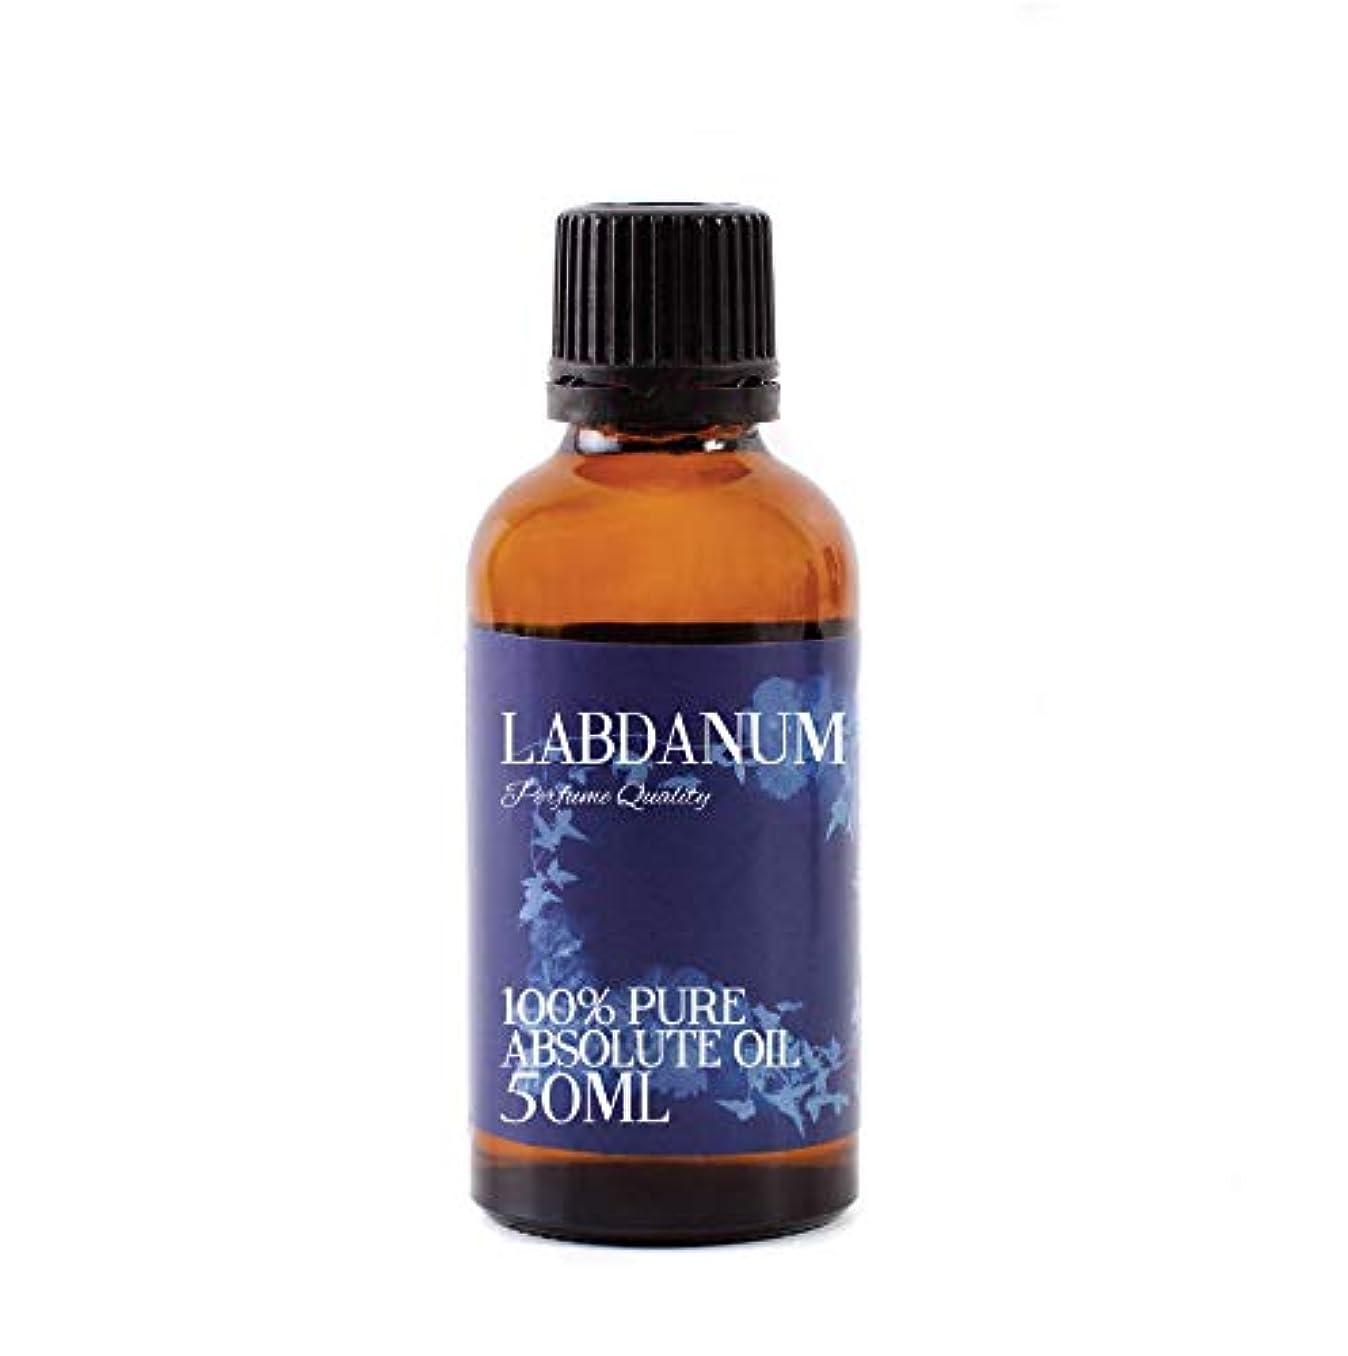 散らす蒸し器長方形Labdanum PQ Absolute 50ml - 100% Pure